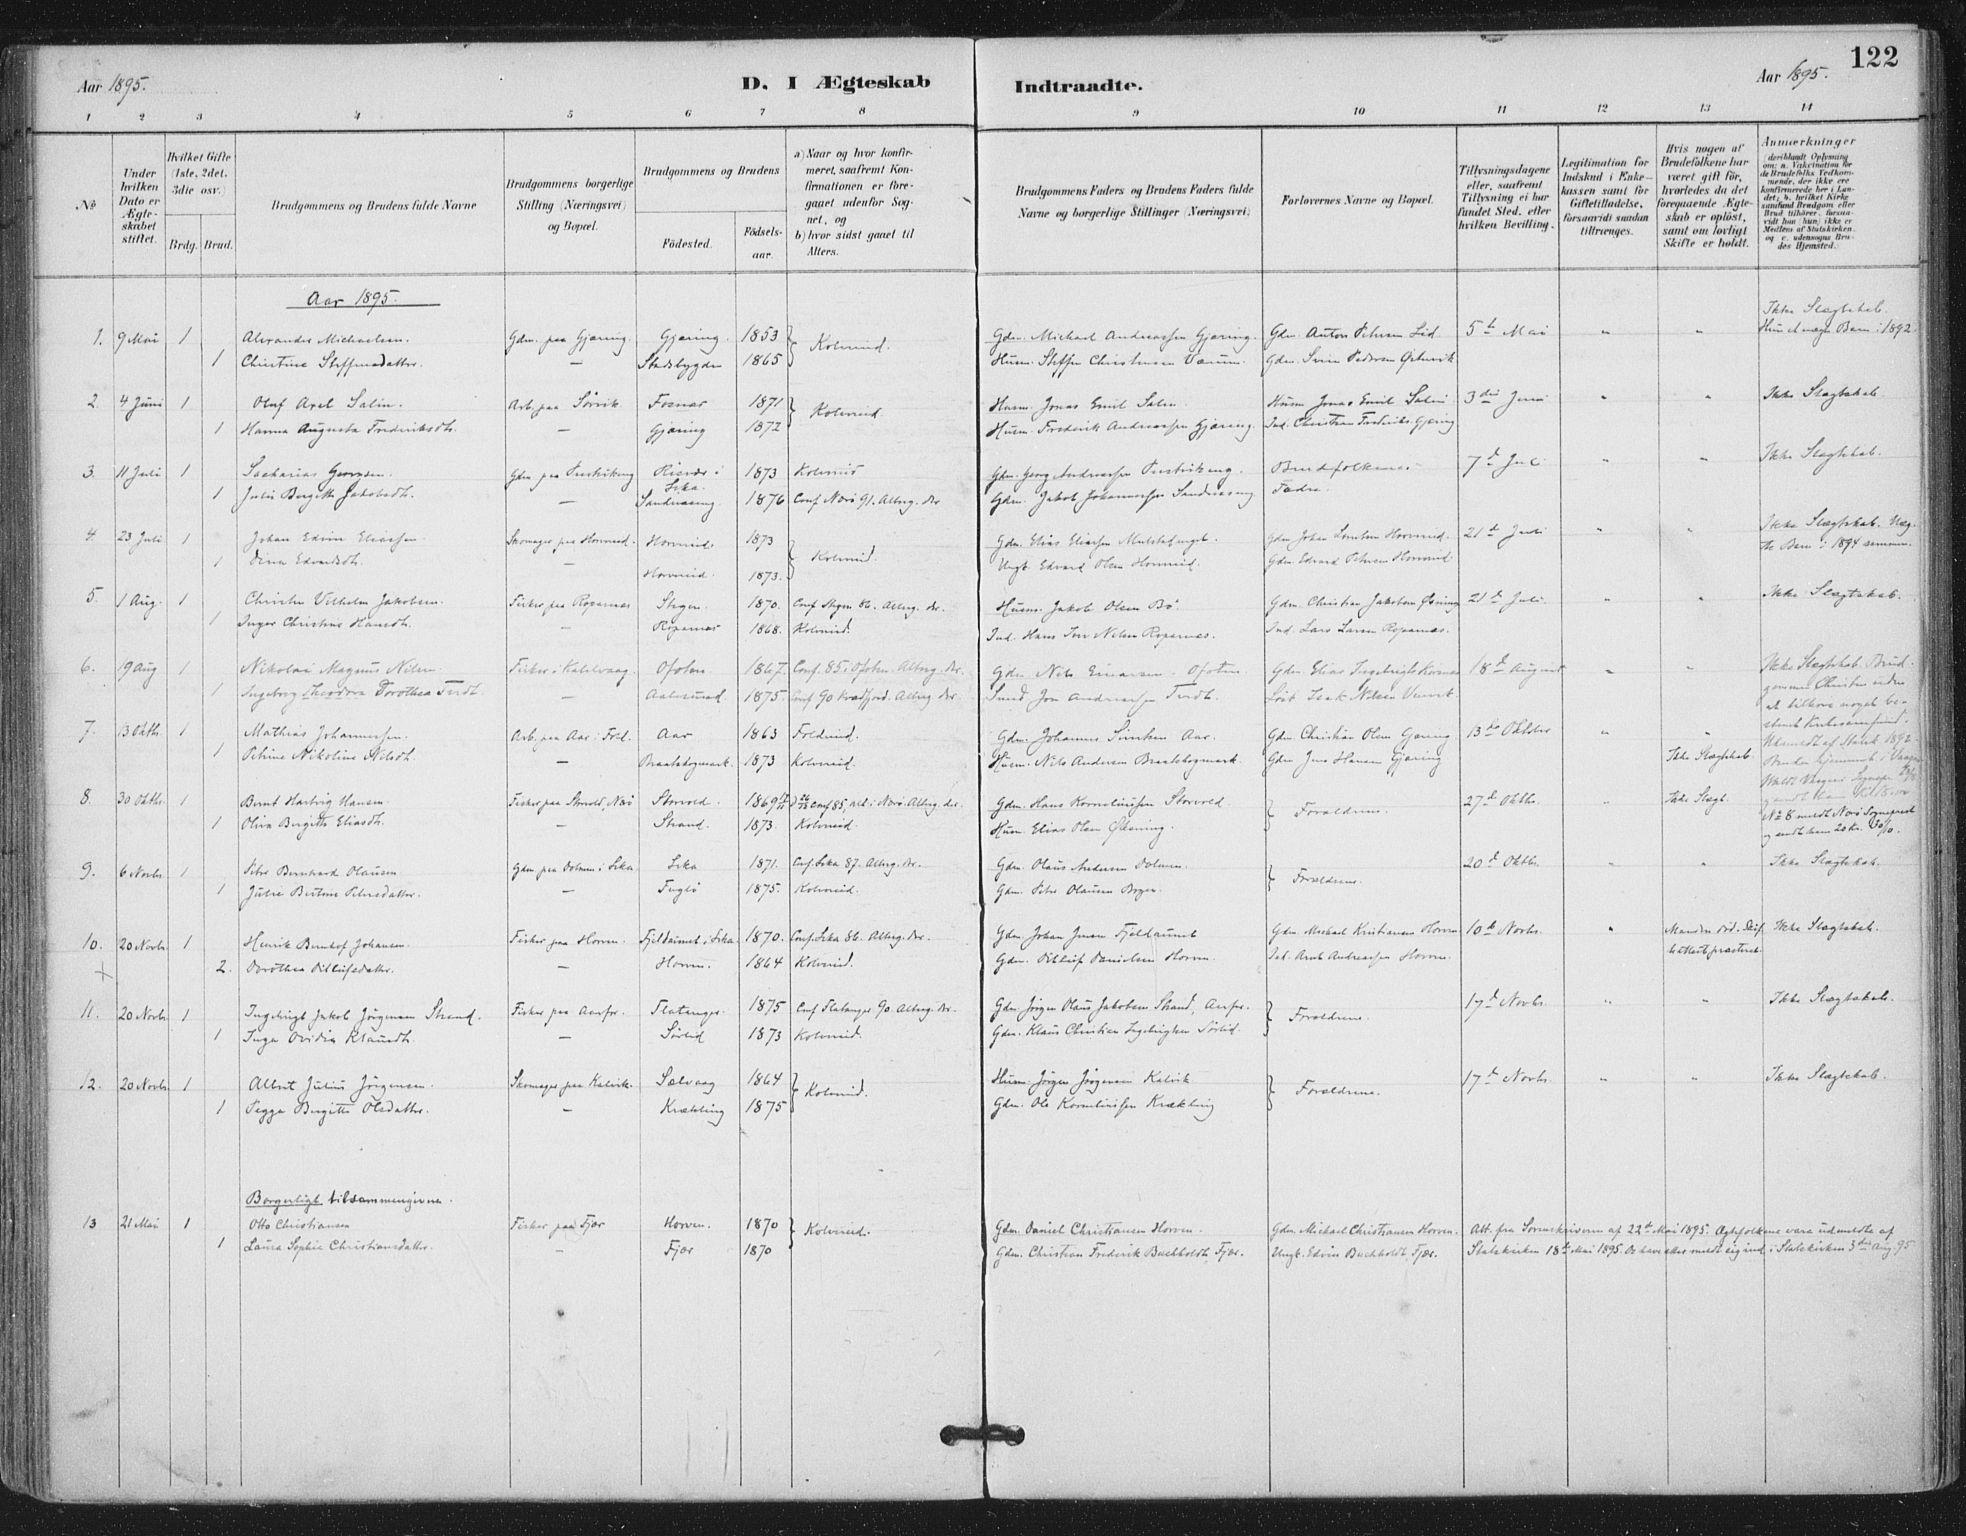 SAT, Ministerialprotokoller, klokkerbøker og fødselsregistre - Nord-Trøndelag, 780/L0644: Ministerialbok nr. 780A08, 1886-1903, s. 122